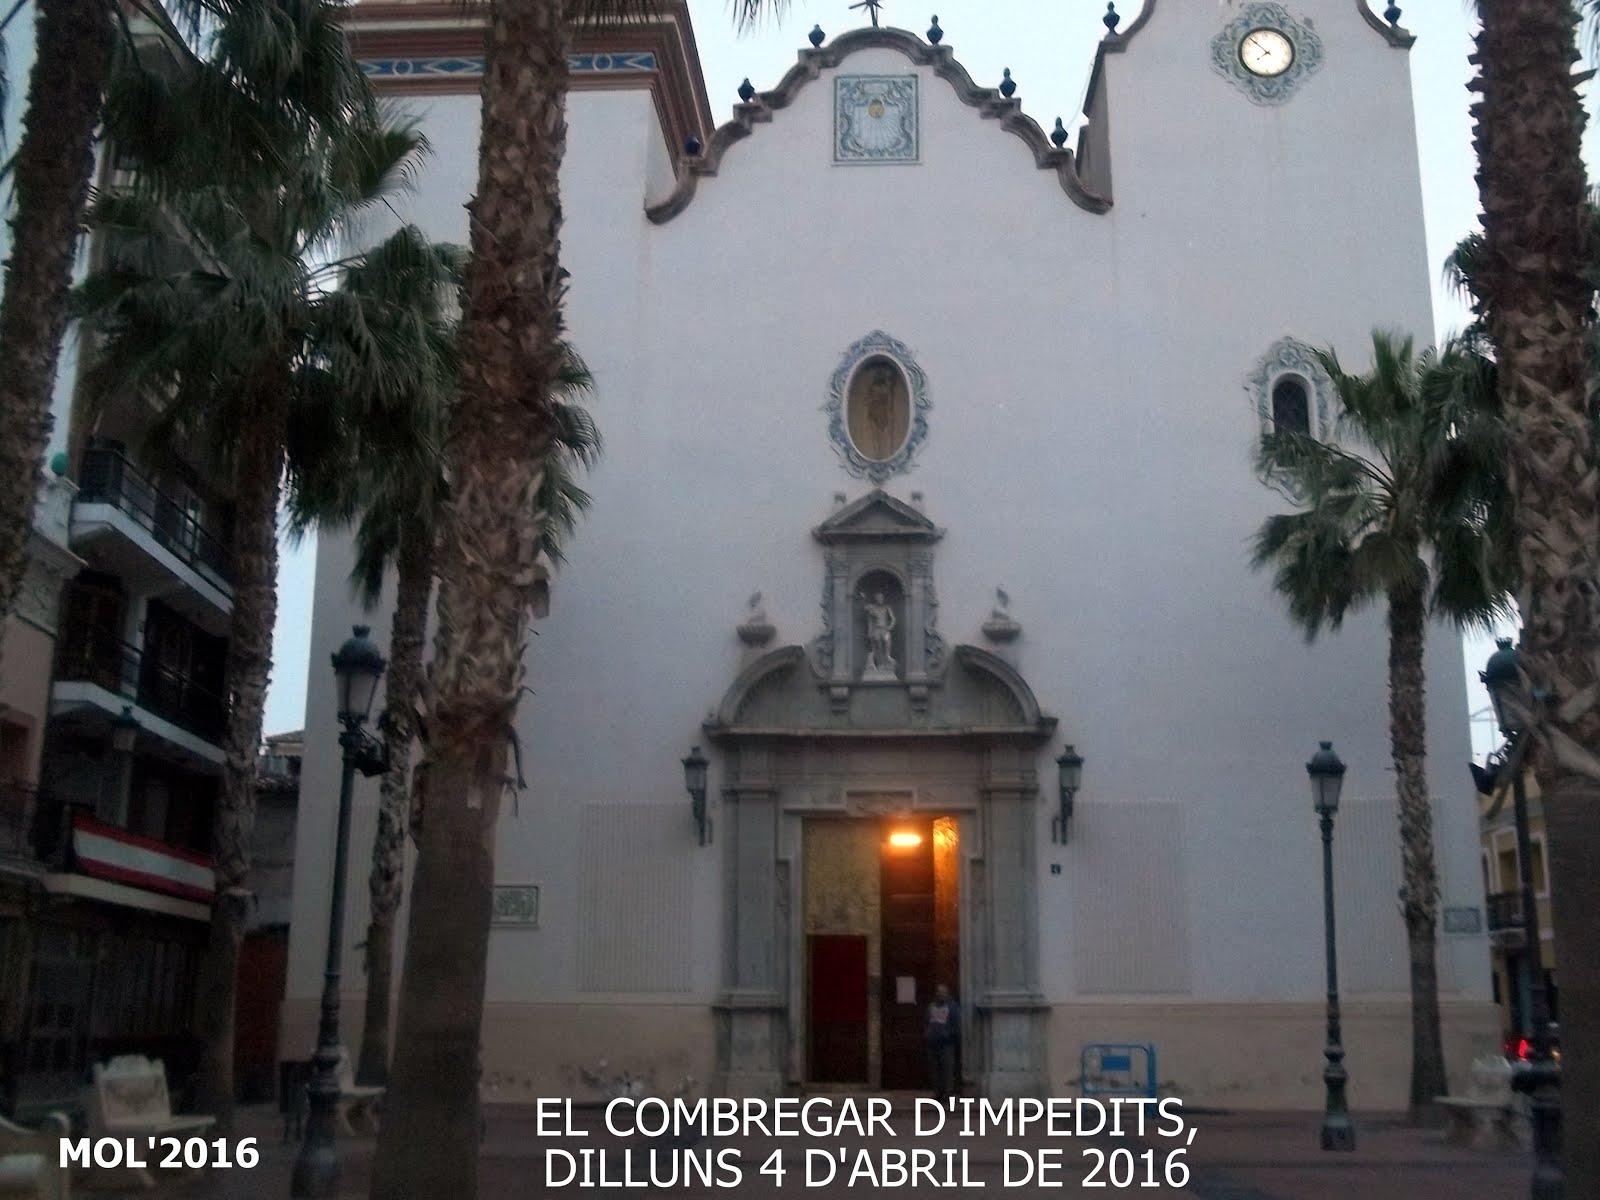 04.04.16 FIESTA A SAN VICEN- TE FERRER, EL COMBREGAR D'IMPEDITS EN MANISES.